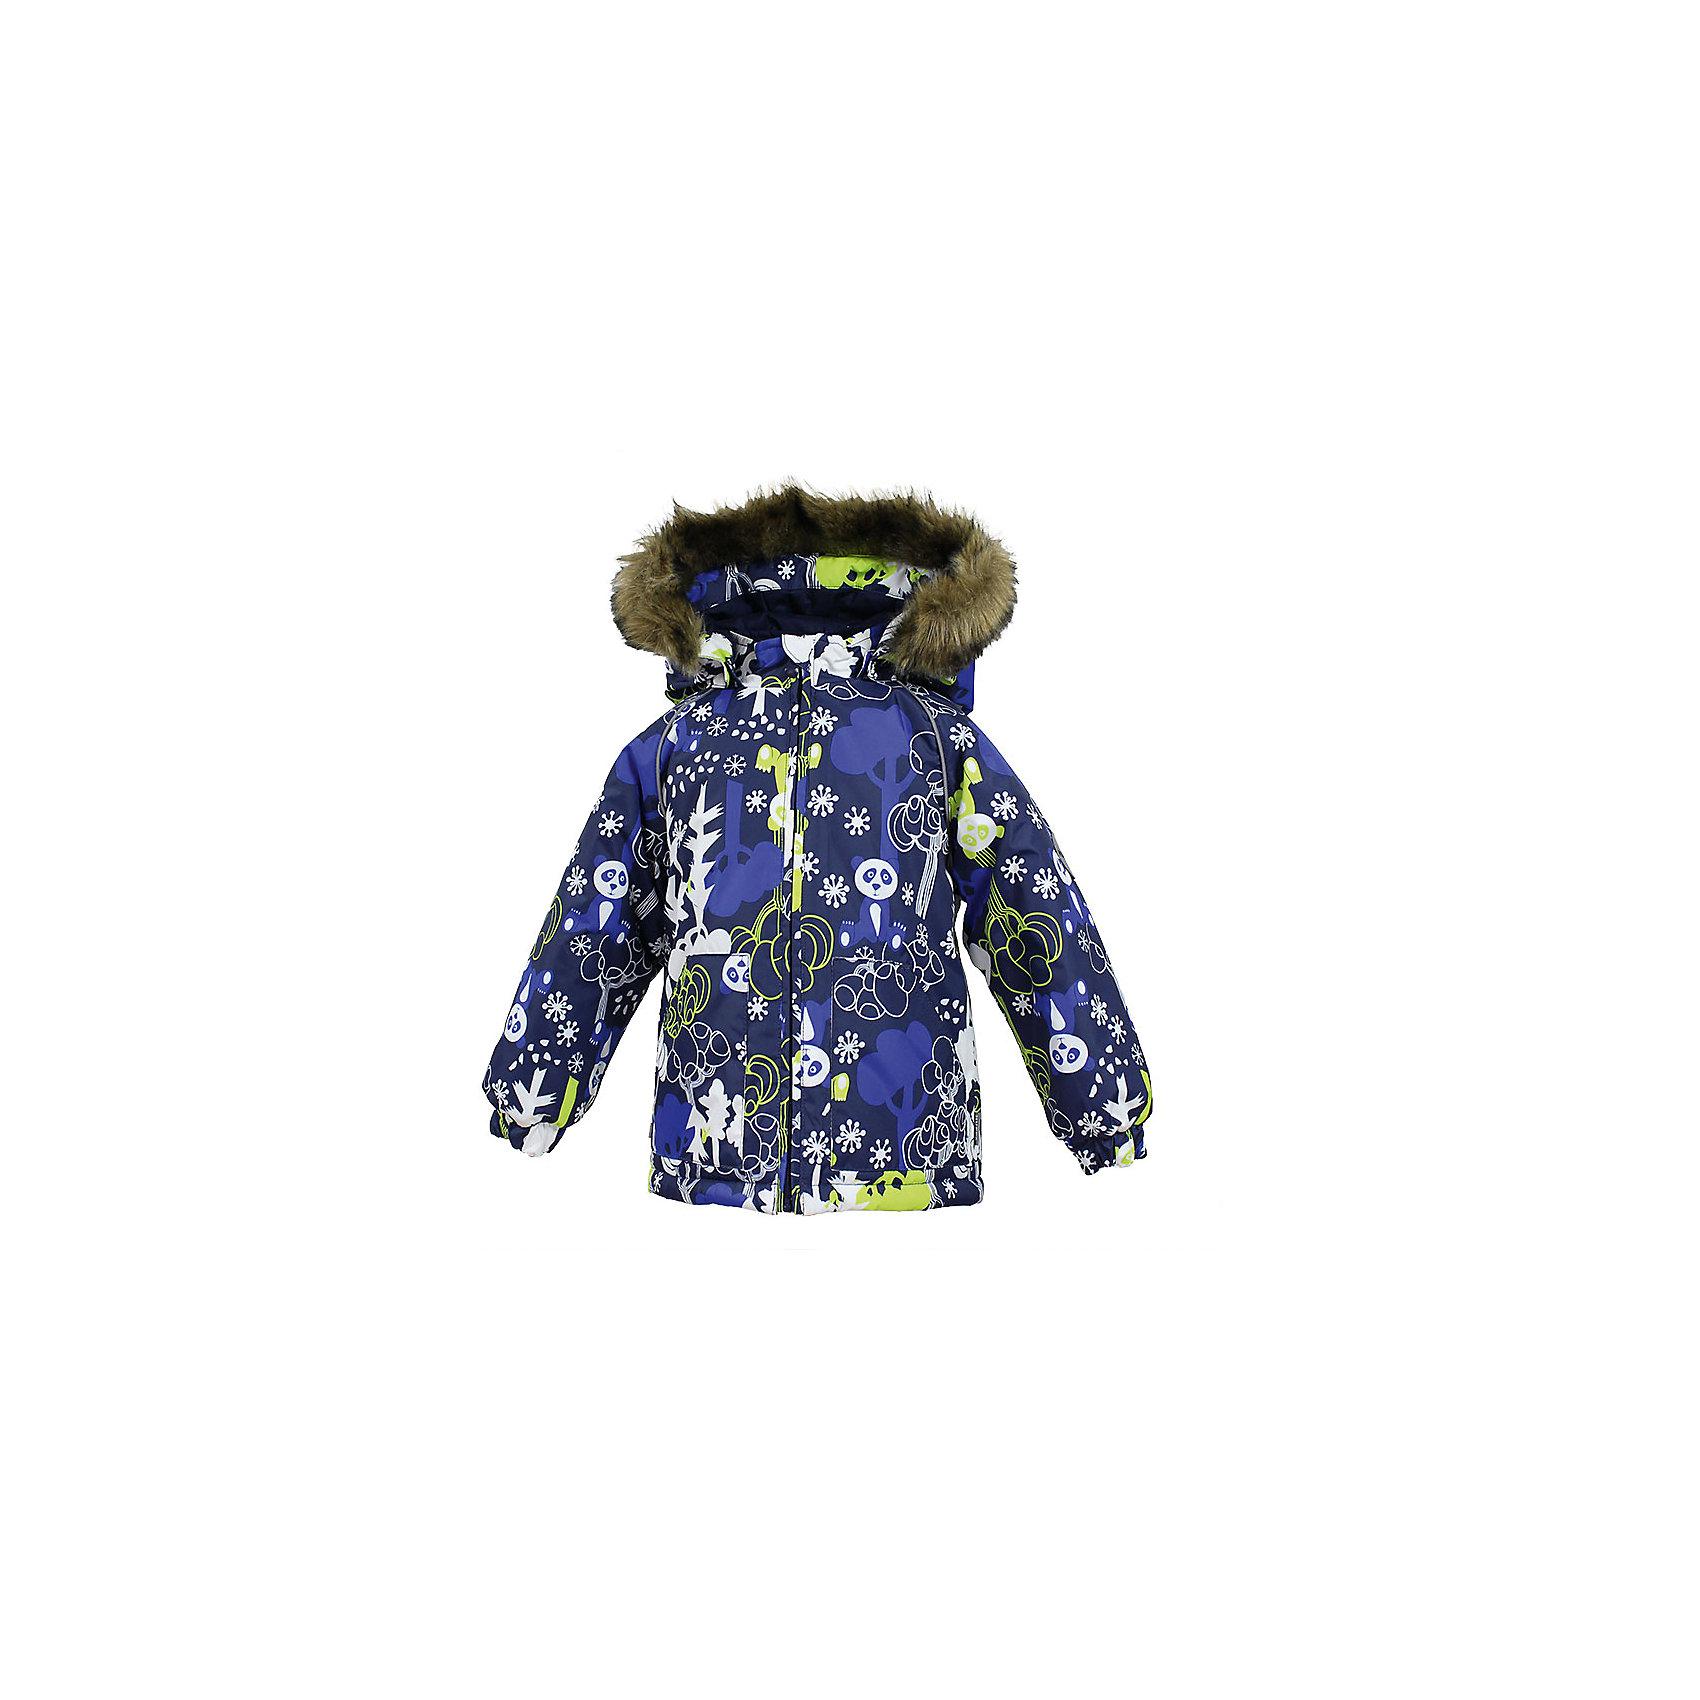 Куртка VIRGO HuppaВерхняя одежда<br>Характеристики товара:<br><br>• цвет: синий;<br>• пол: мальчик;<br>• состав: 100% полиэстер;<br>• утеплитель: полиэстер 300 гр .;<br>• подкладка: фланель 100% хлопок;<br>• сезон: зима;<br>• температурный режим: от -5 до - 30С;<br>• водонепроницаемость: 5000 мм ;<br>• воздухопроницаемость: 5000 г/м2/24ч;<br>• особенности модели: c рисунком; с мехом на капюшоне;<br>• манжеты рукавов эластичные, на резинках;<br>• безопасный капюшон крепится на кнопки и, при необходимости, отстегивается;<br>• мех на капюшоне не съемный;<br>• светоотражающие элементы для безопасности ребенка;<br>• страна бренда: Финляндия;<br>• страна изготовитель: Эстония.<br><br>Зимняя куртка с капюшоном для мальчика. Все швы проклеены и водонепроницаемы, а сама она изготовлена из водо и ветронепроницаемого, грязеотталкивающего материала.<br><br>Съемный капюшон защищает от ветра, к тому же он абсолютно безопасен – легко отстегнется, если вдруг за что-нибудь зацепится. Обратите внимание: куртку можно сушить в сушильной машине. Зимняя куртка на молнии для мальчика декорирована рисунком.<br><br>Зимнюю куртку Virgo для мальчика фирмы HUPPA  можно купить в нашем интернет-магазине.<br><br>Ширина мм: 356<br>Глубина мм: 10<br>Высота мм: 245<br>Вес г: 519<br>Цвет: синий<br>Возраст от месяцев: 36<br>Возраст до месяцев: 48<br>Пол: Унисекс<br>Возраст: Детский<br>Размер: 104,80,86,92,98<br>SKU: 7027300